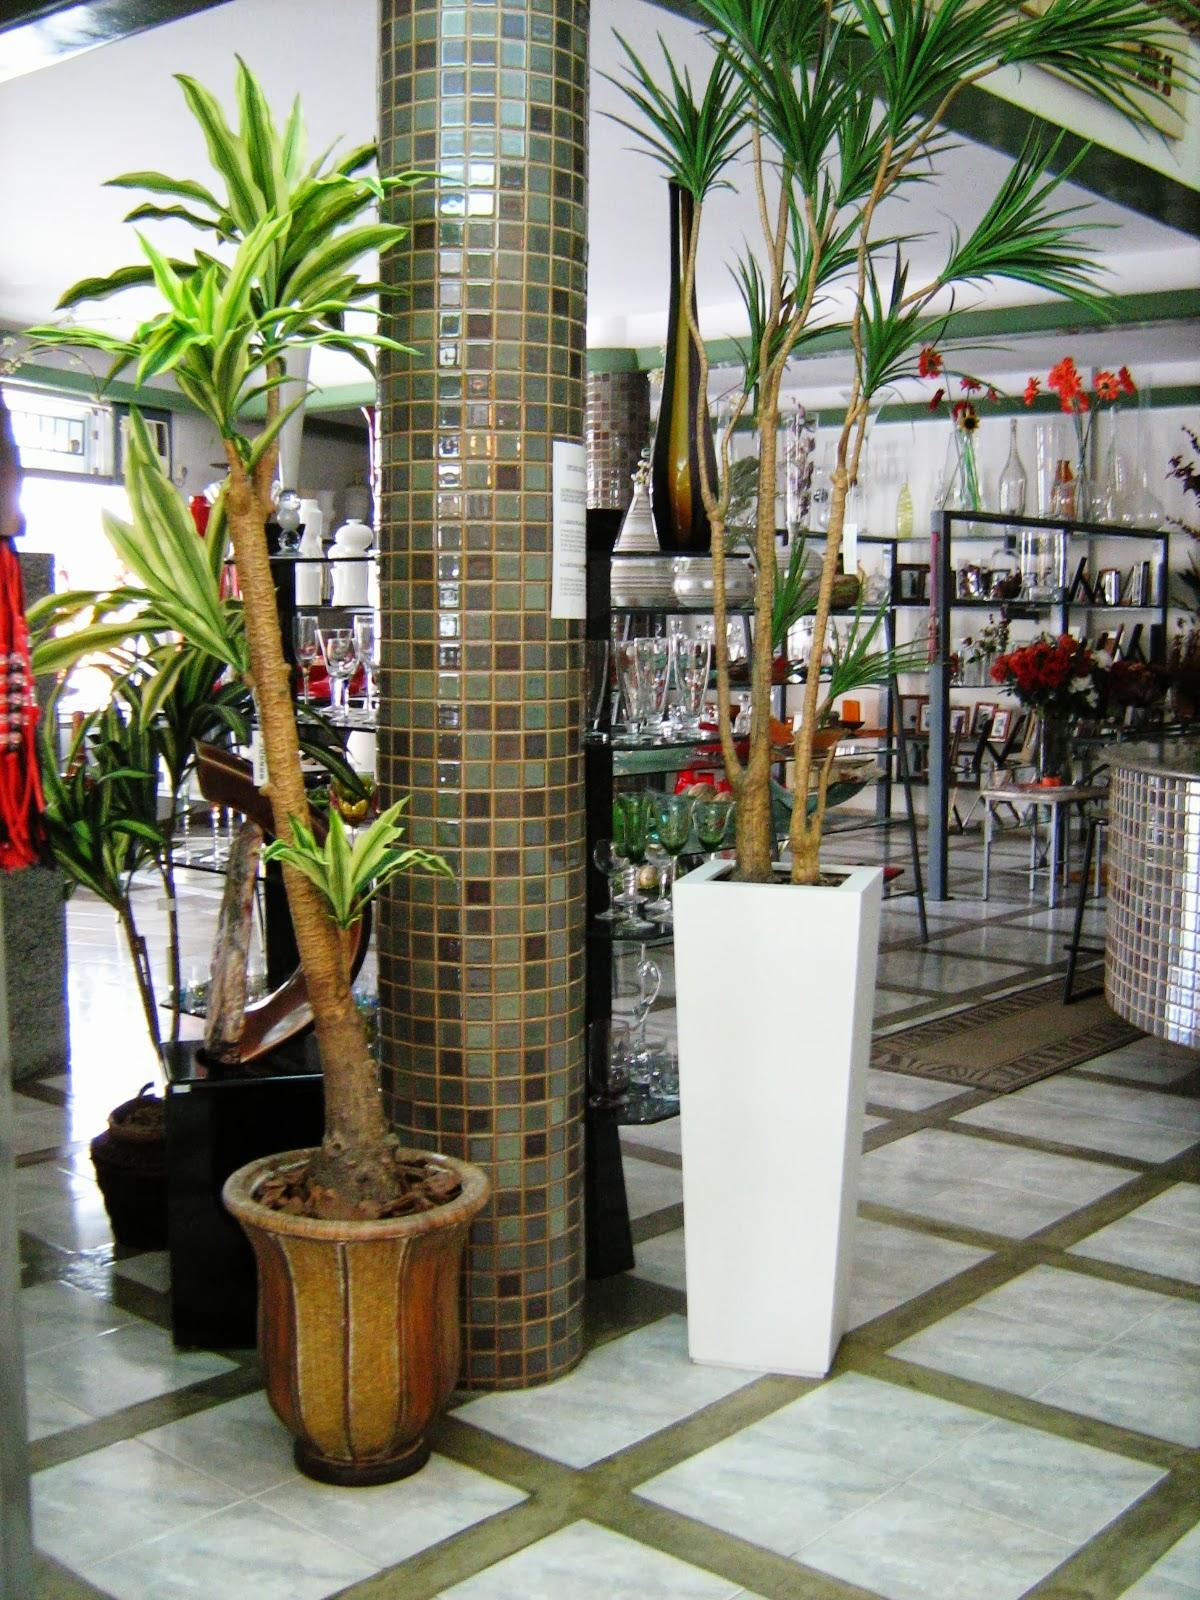 Tipos de árvores artificiais para decoração interna #674328 1200 1600